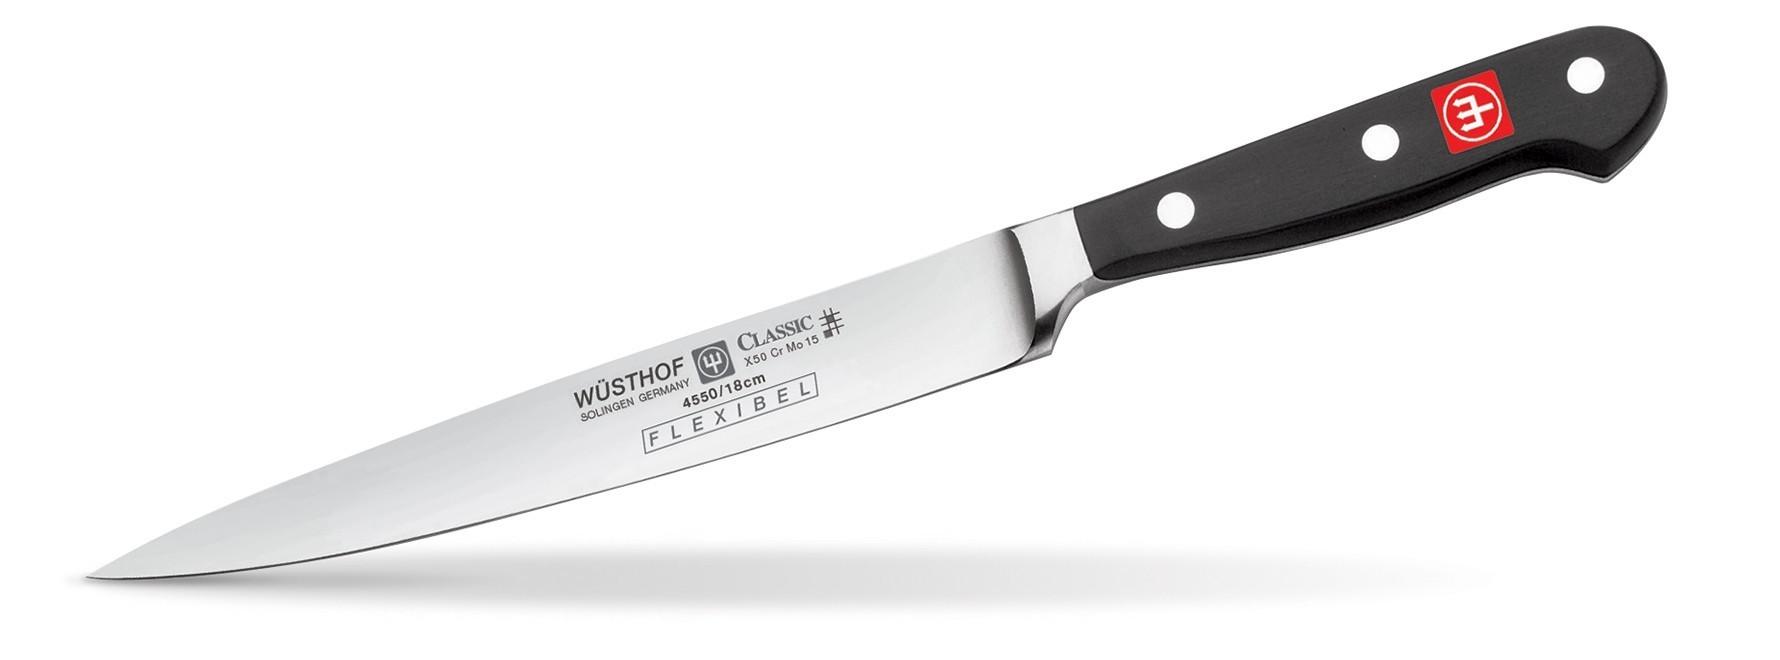 High Carbon Steel Kitchen Knives Uk